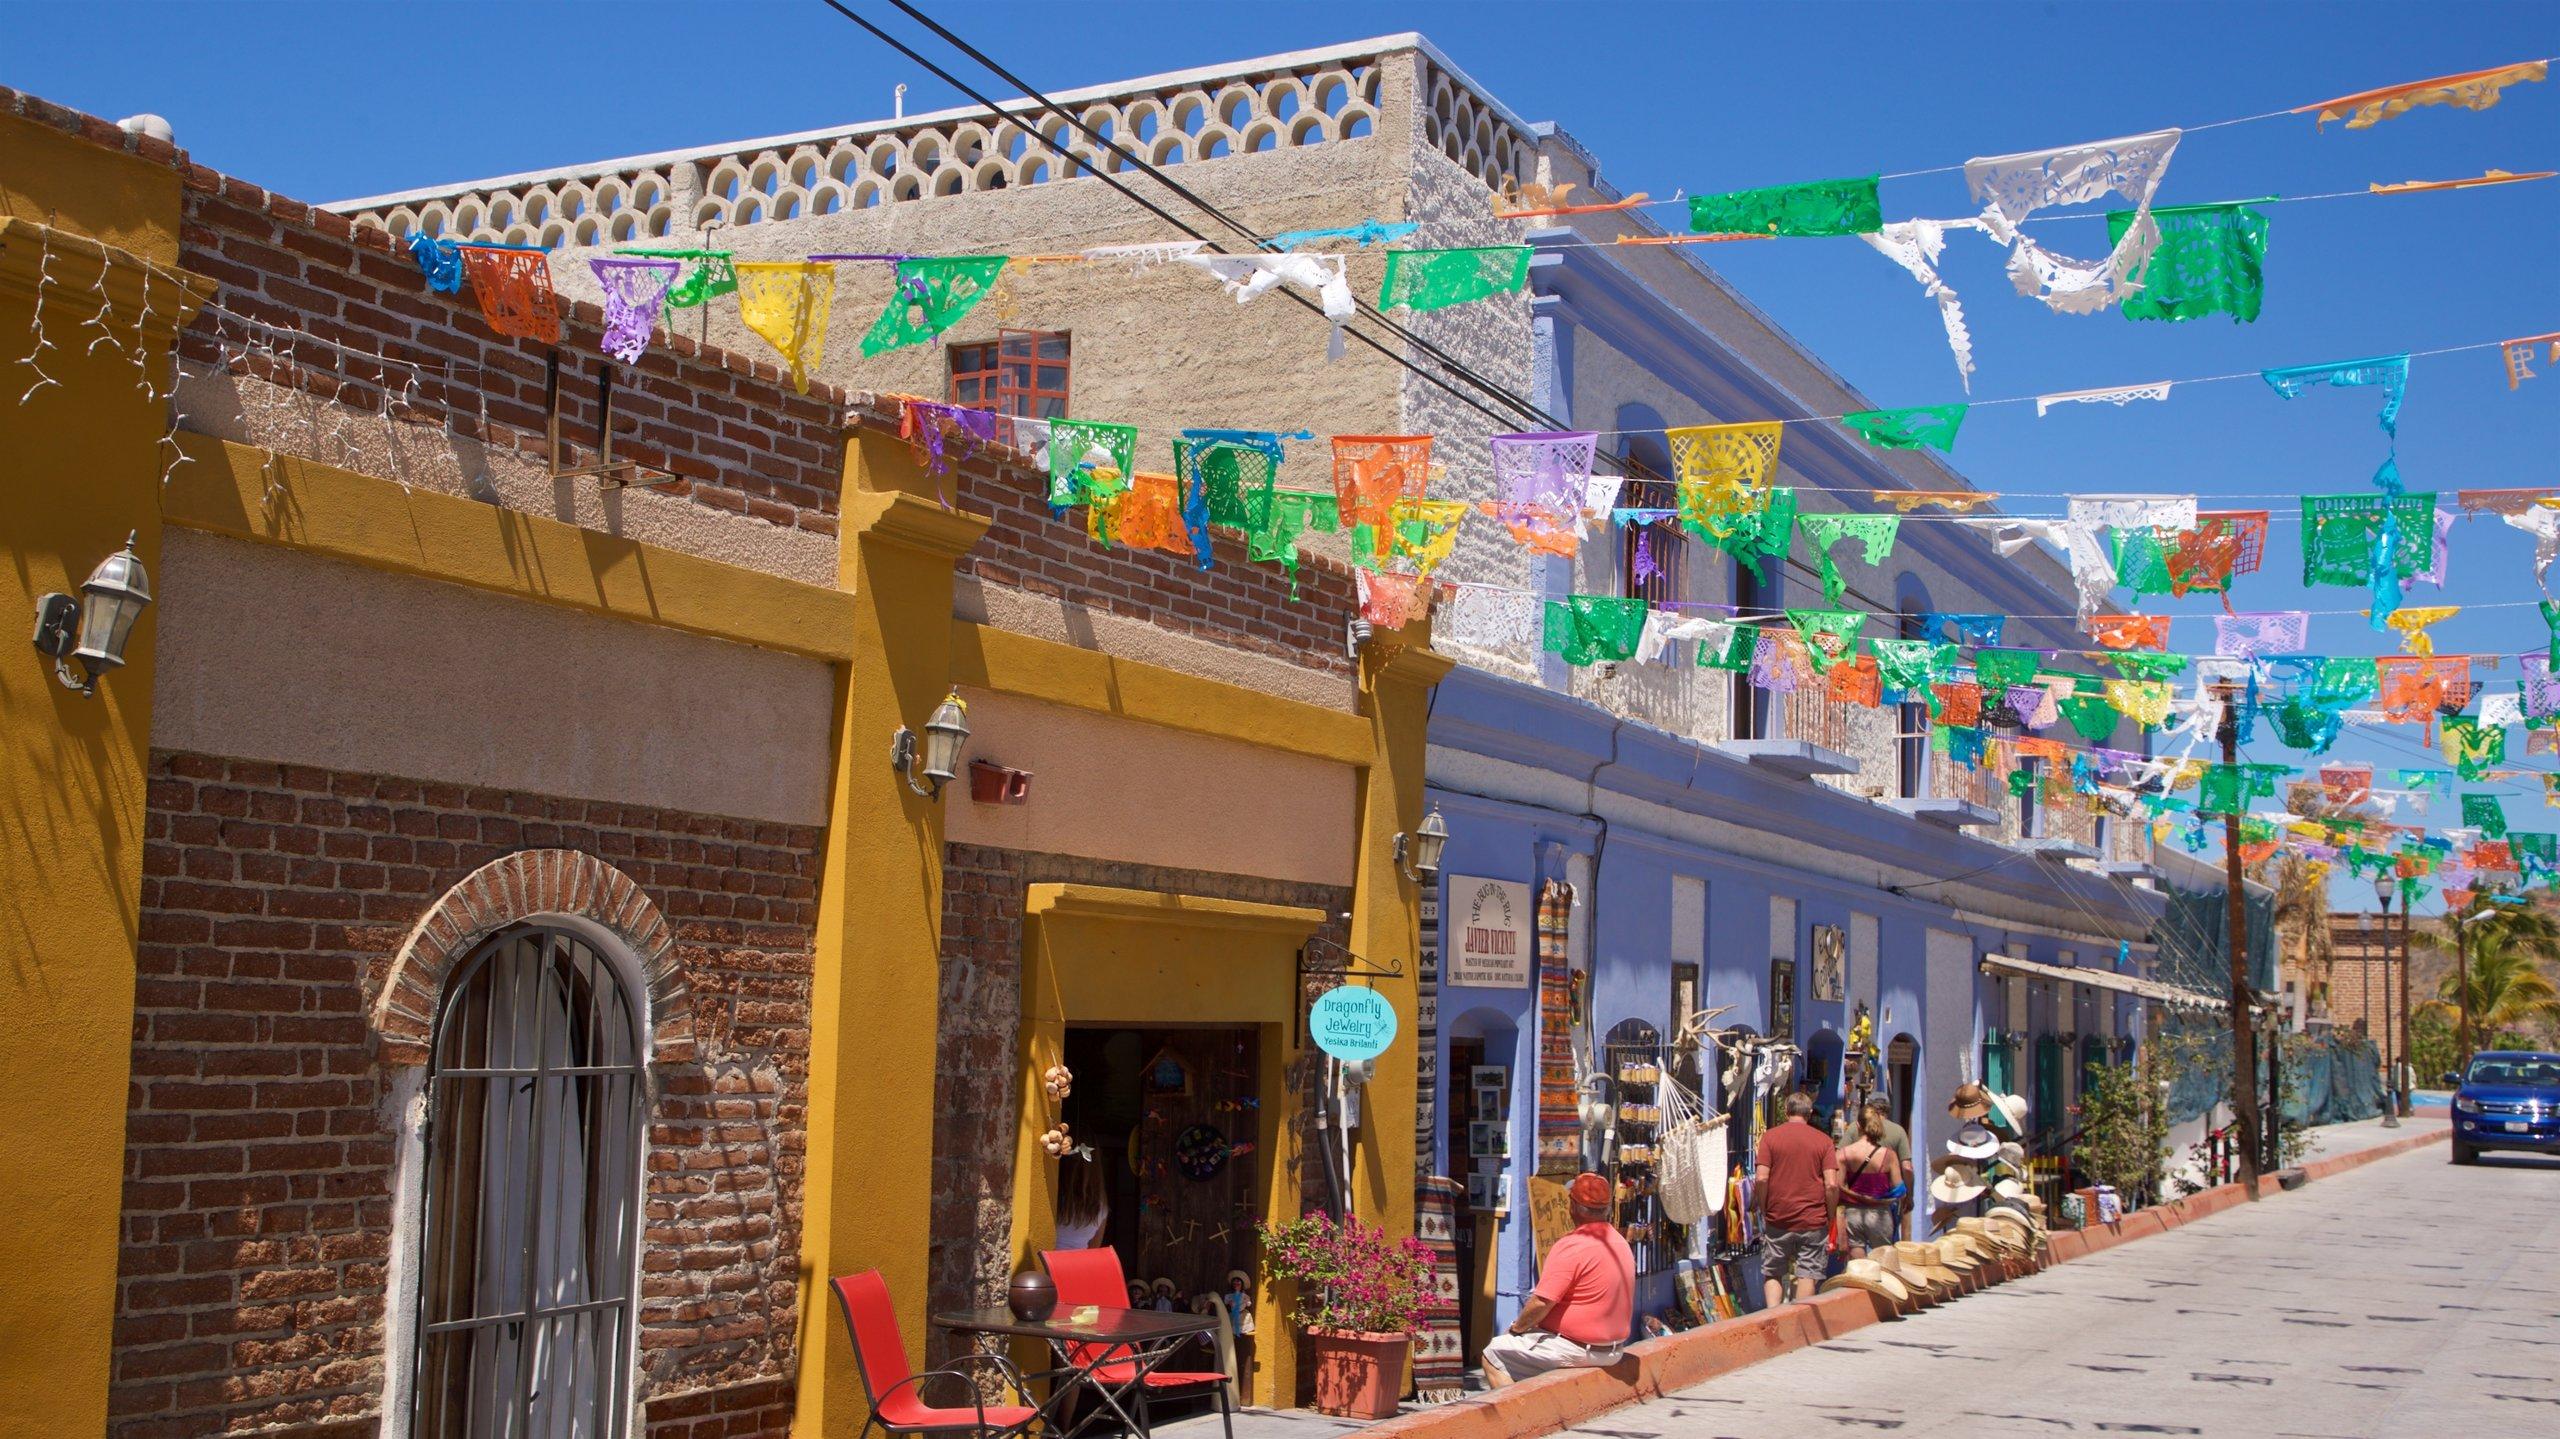 Todos Santos, Baja California Sur, Mexico